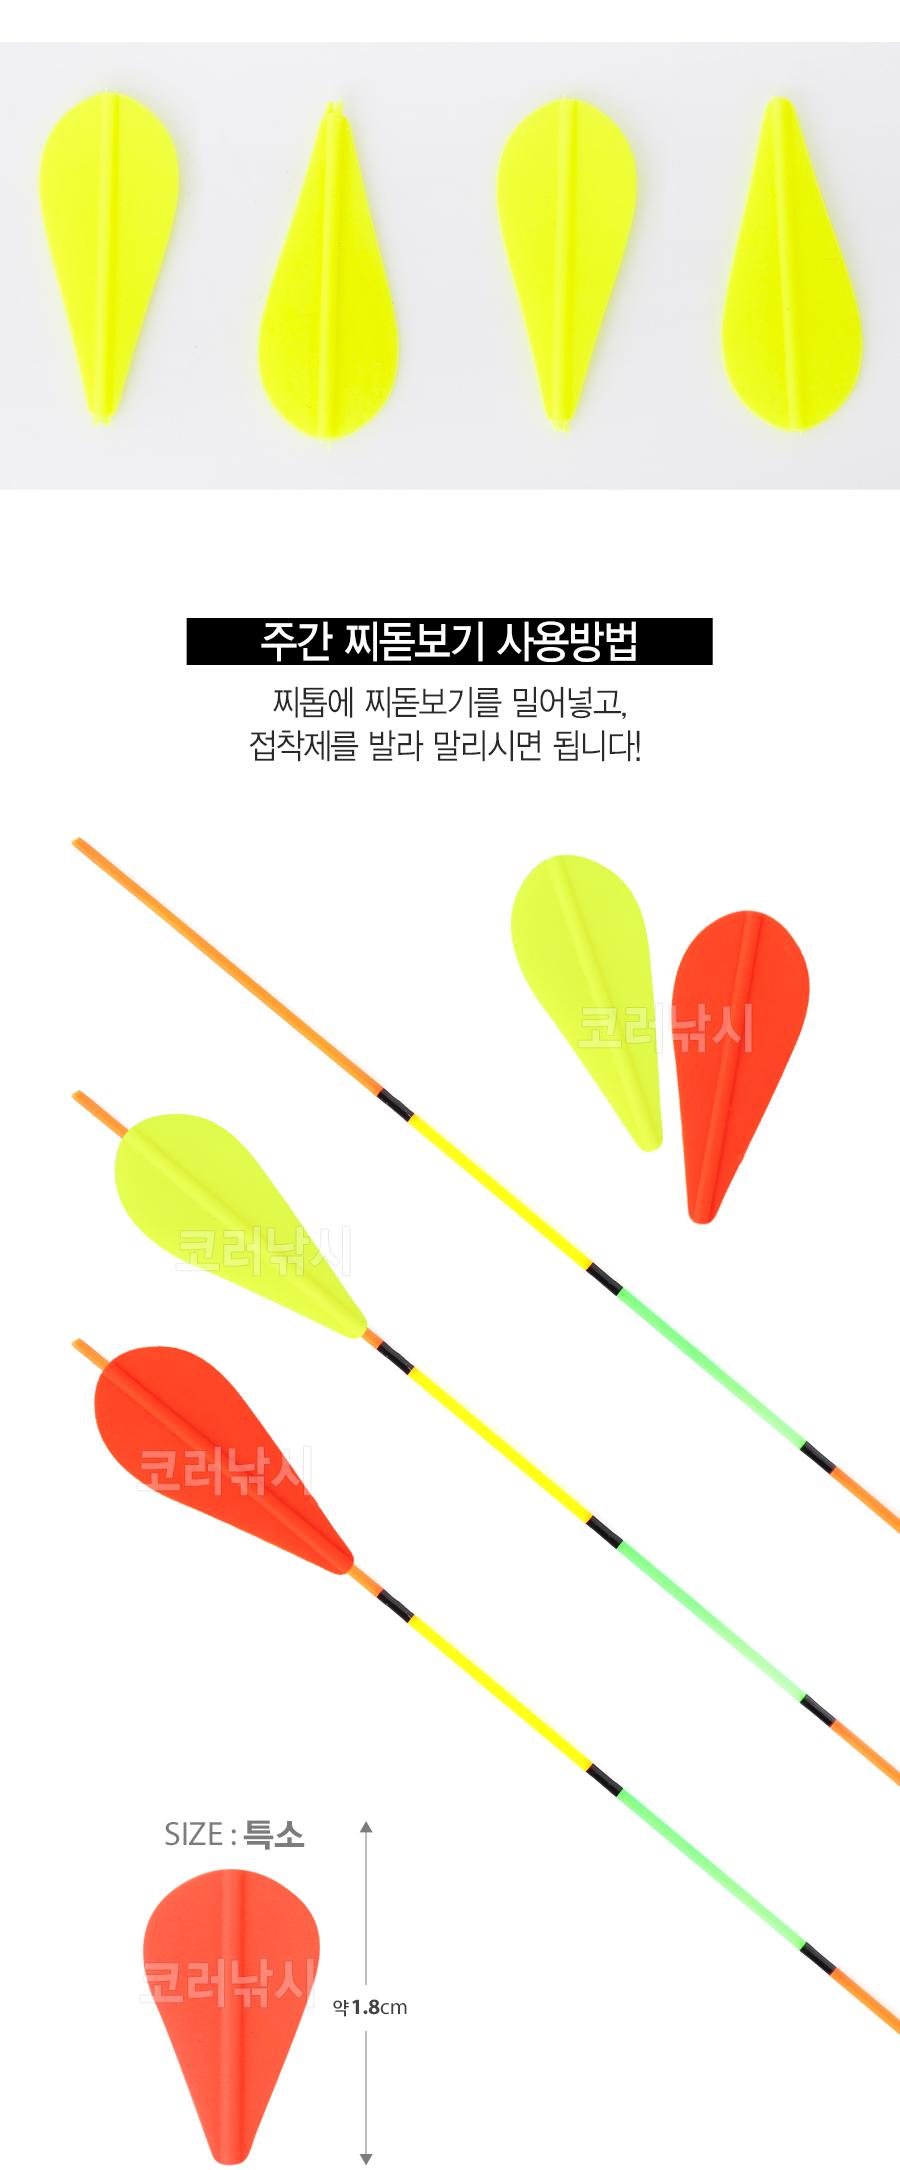 (적립금10%) MJ피싱 주간 찌돋보기 찌날개 주간케미 찌돋보기 나뭇잎